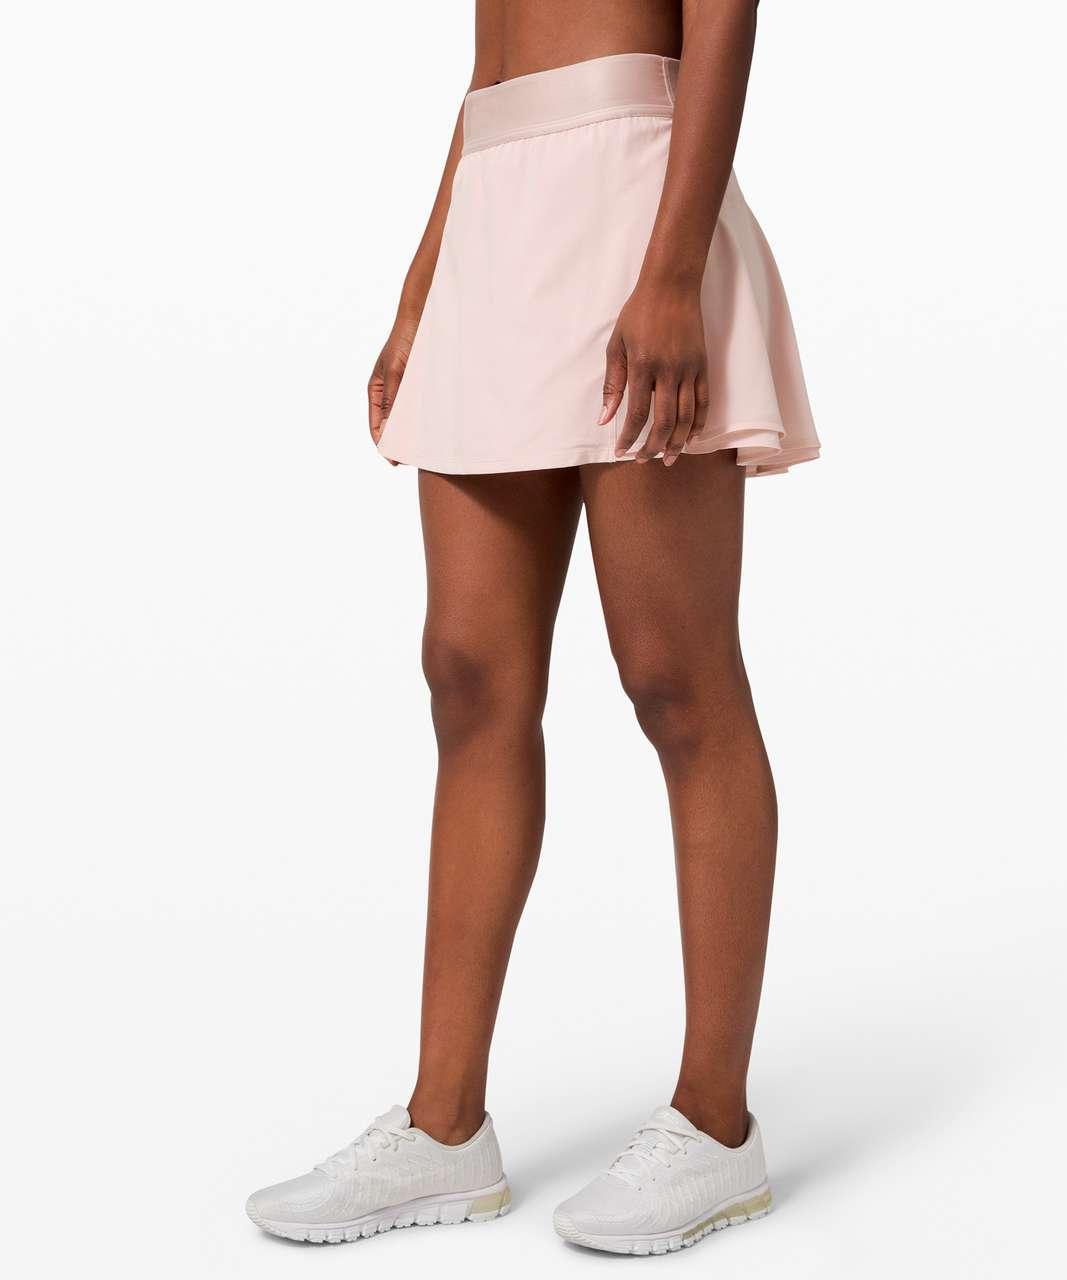 Lululemon Morning Match Skirt *Tall - Pink Bliss